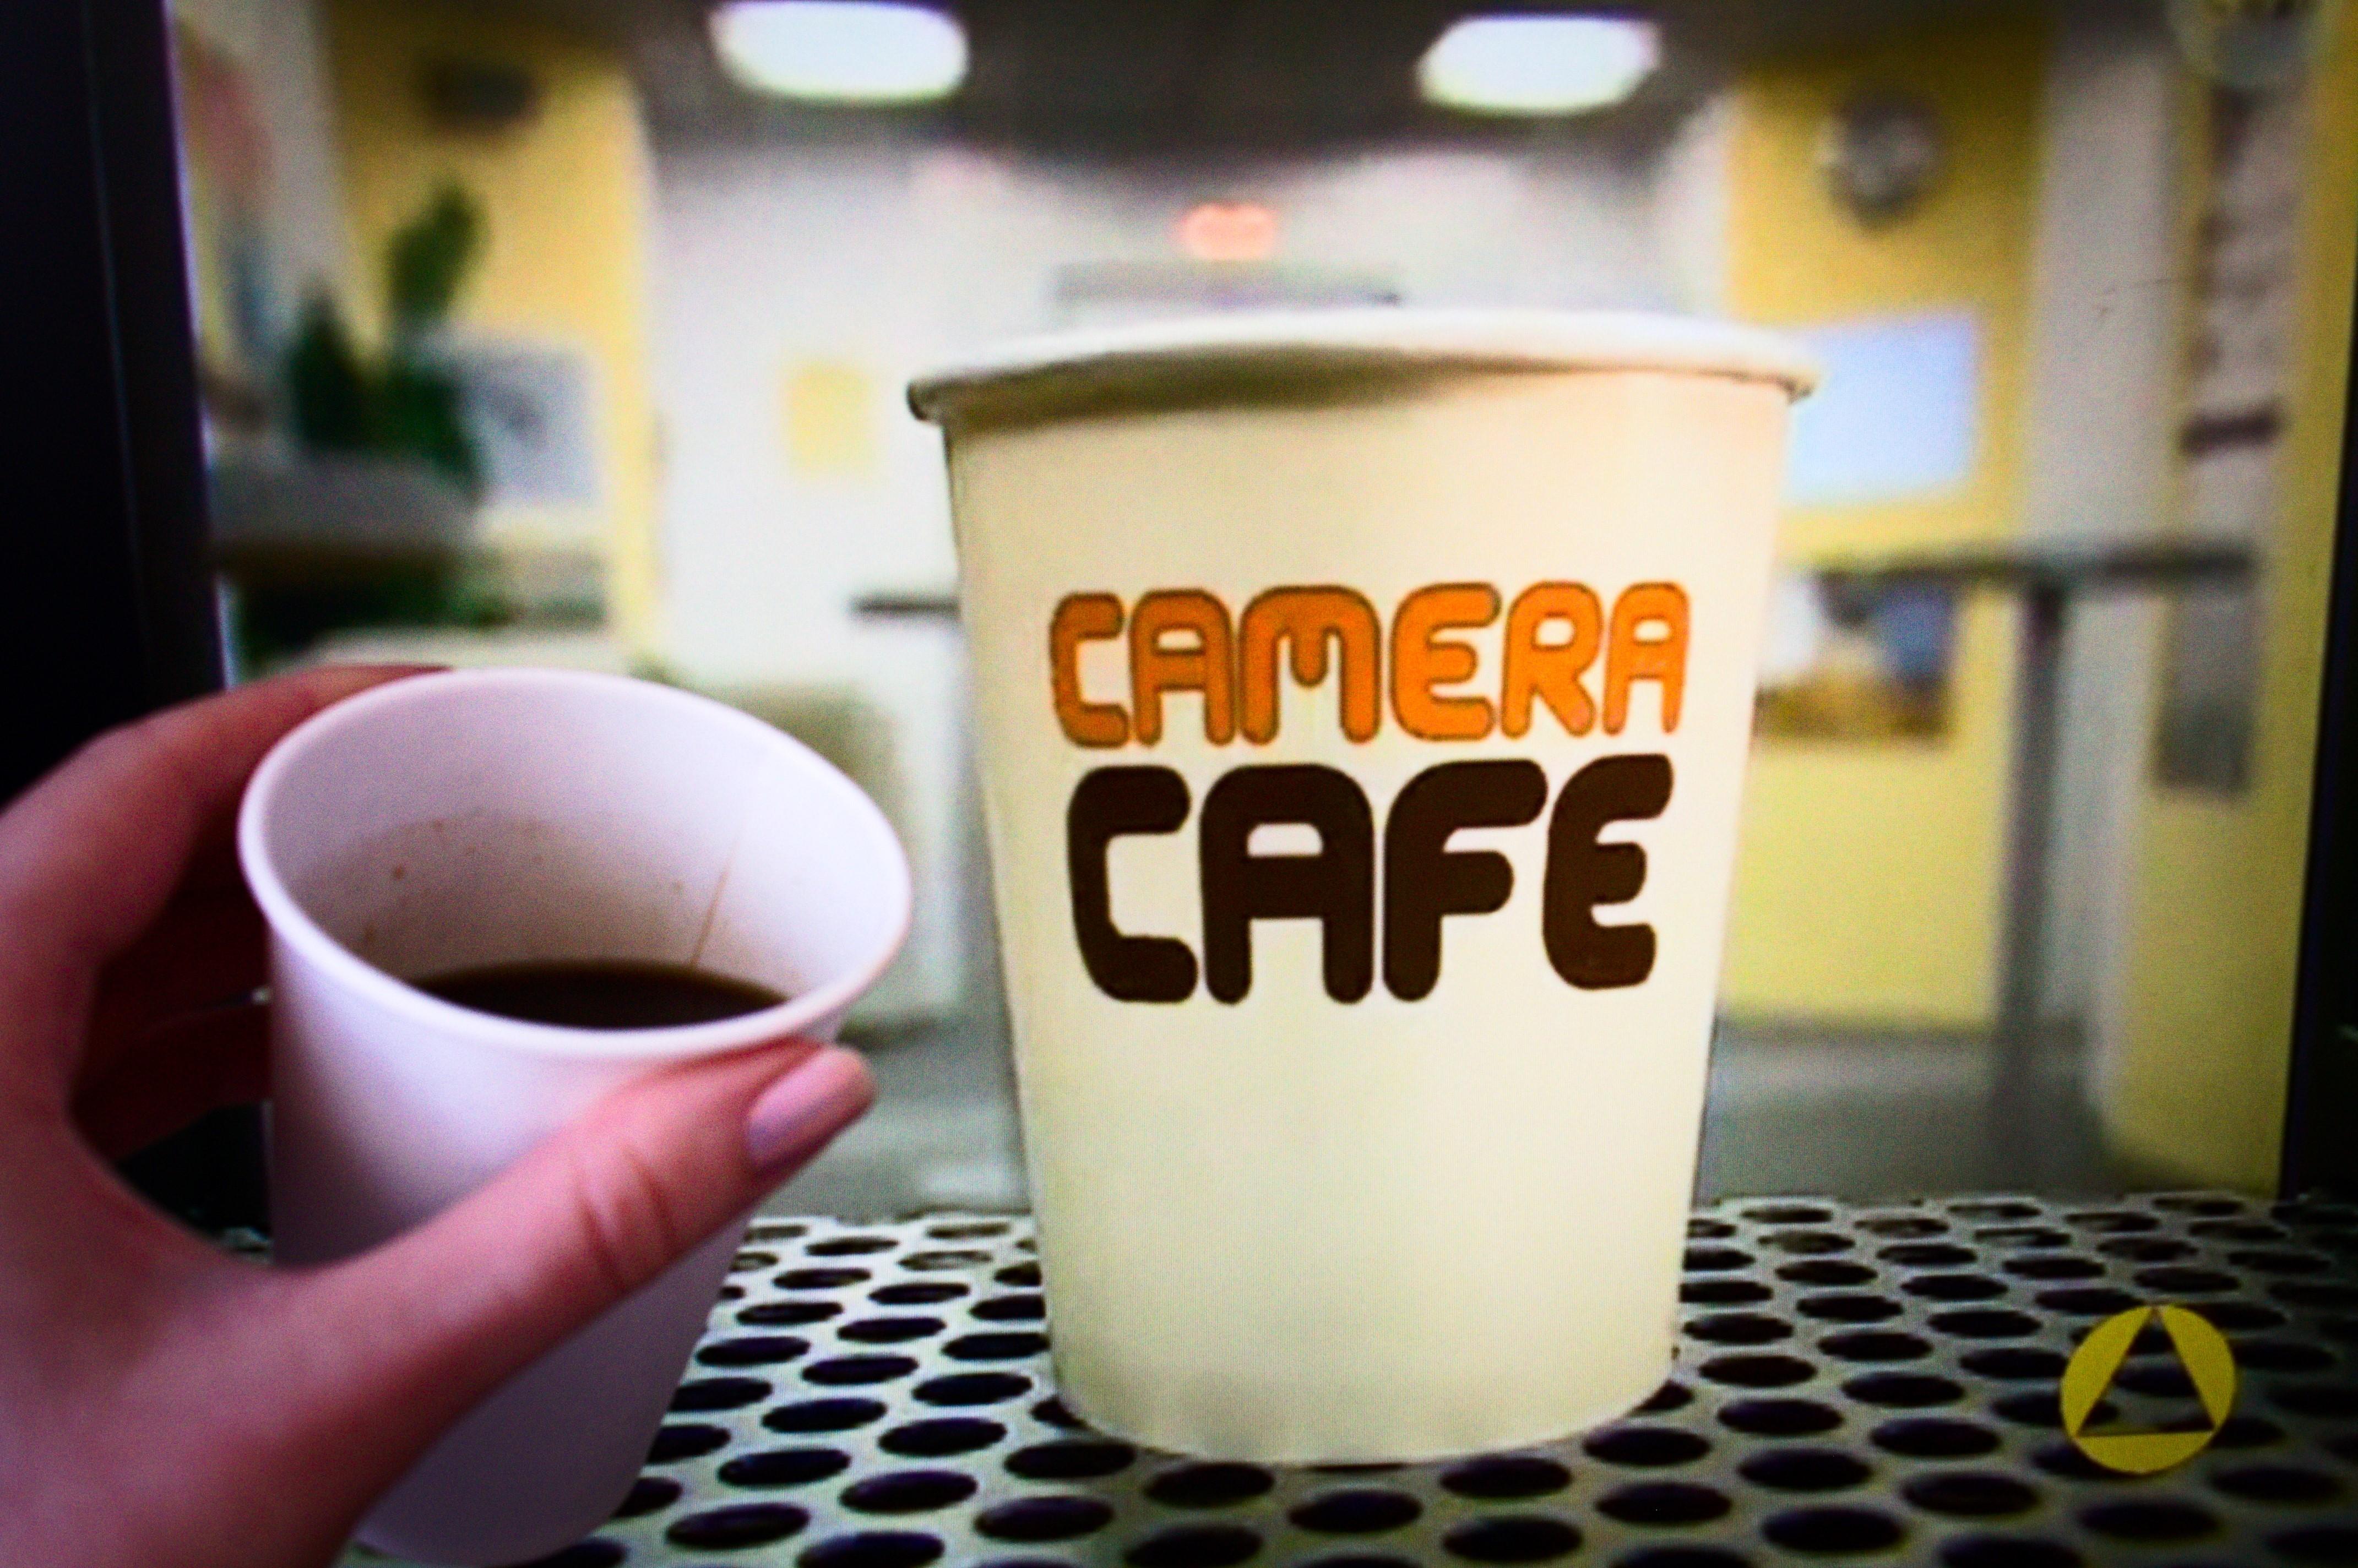 O tej wstrętnej kawie z automatu